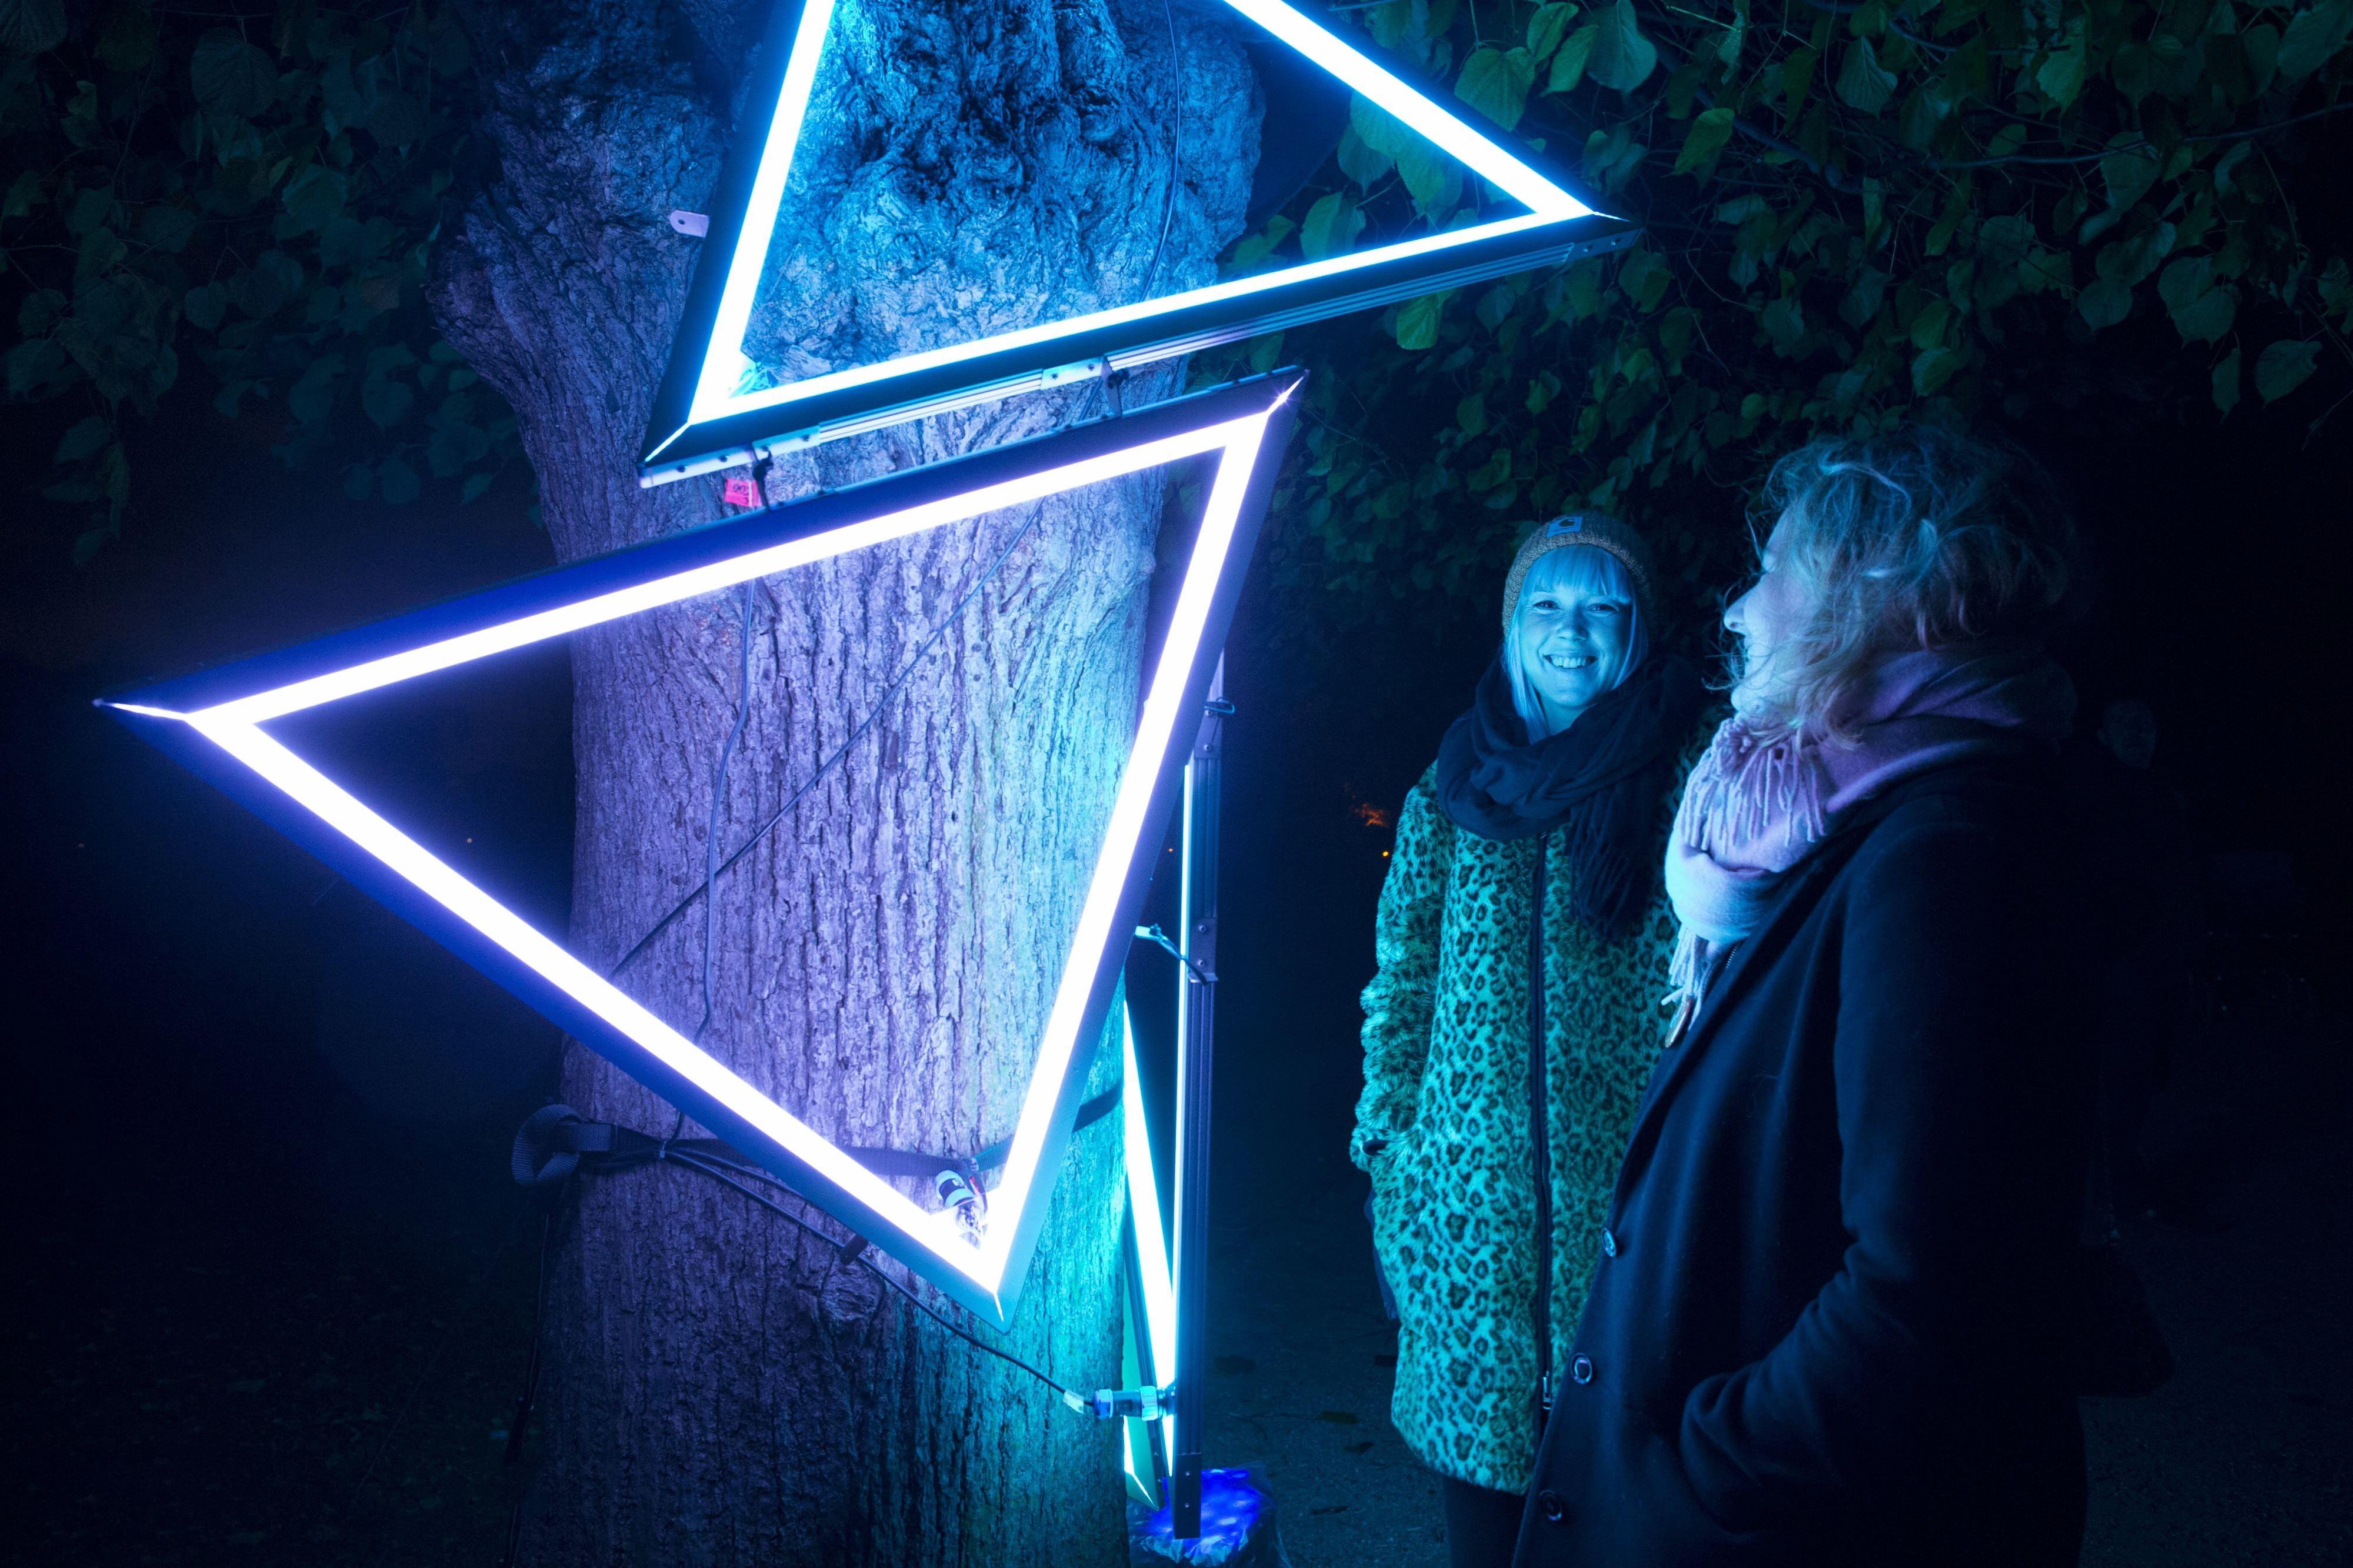 Culture Night   © Sattrup & Høst, courtesy of Culture Night